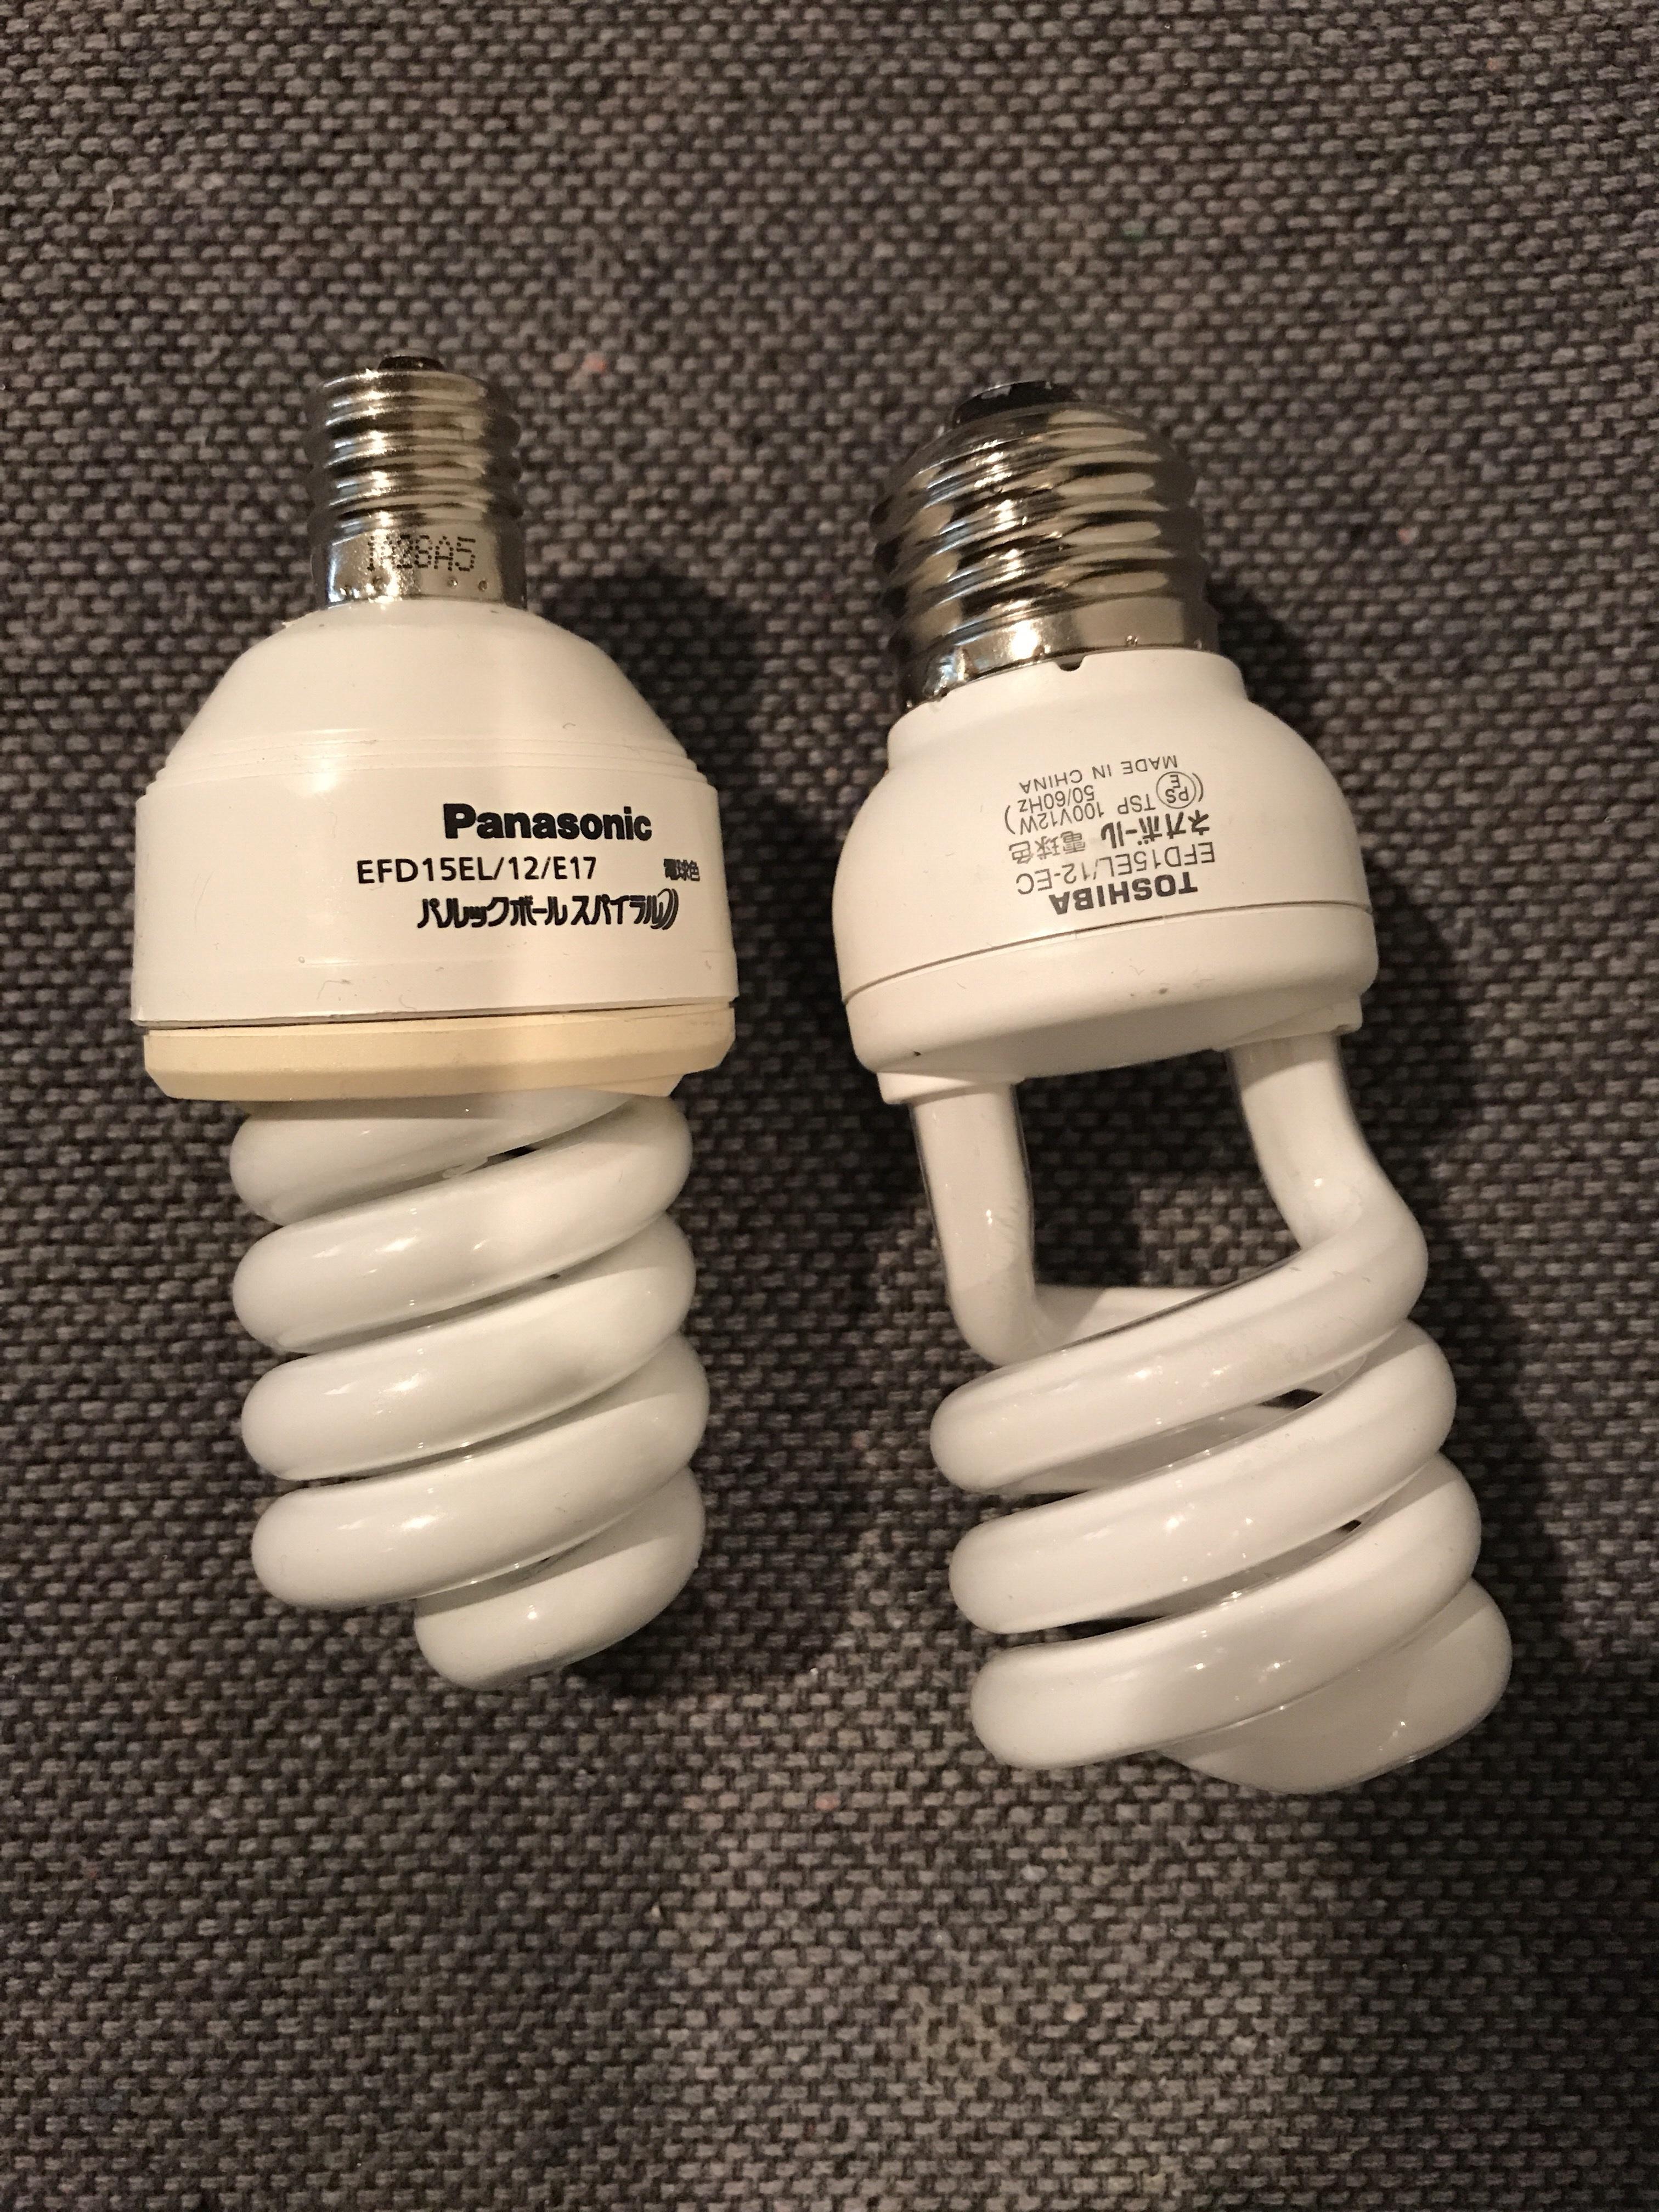 左側が元々ついていた電球、右側が購入したもの。銀色の口金の部分の太さが全然違いますね…という写真